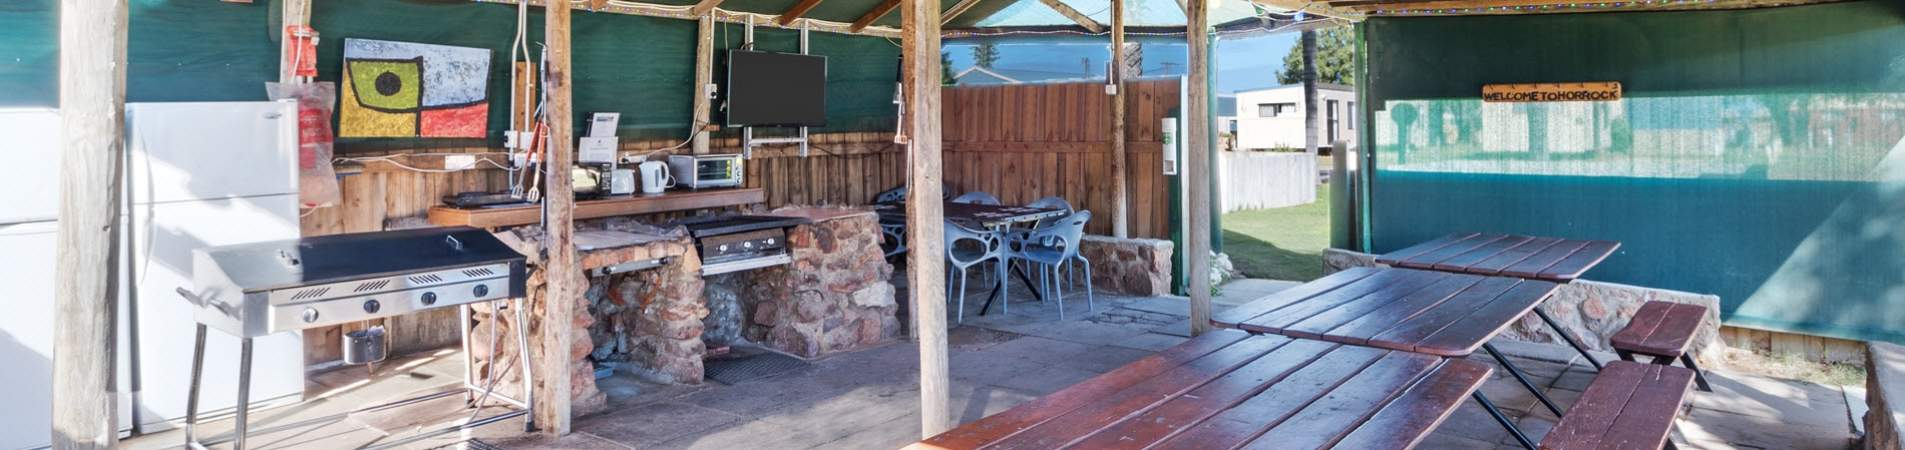 horrocks beach caravan park facilities - banner 1